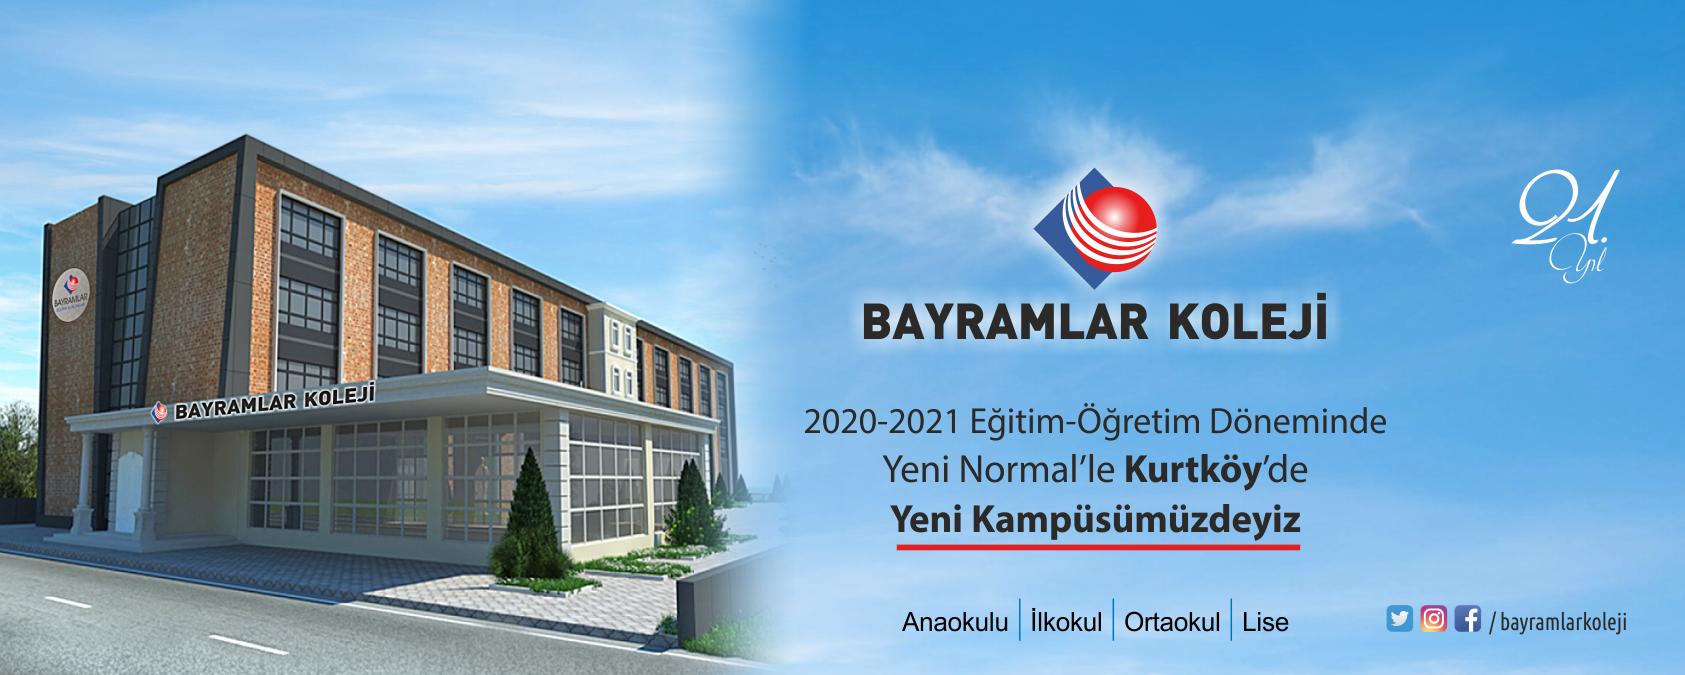 Bayramlar_YENİ-KAMPÜS